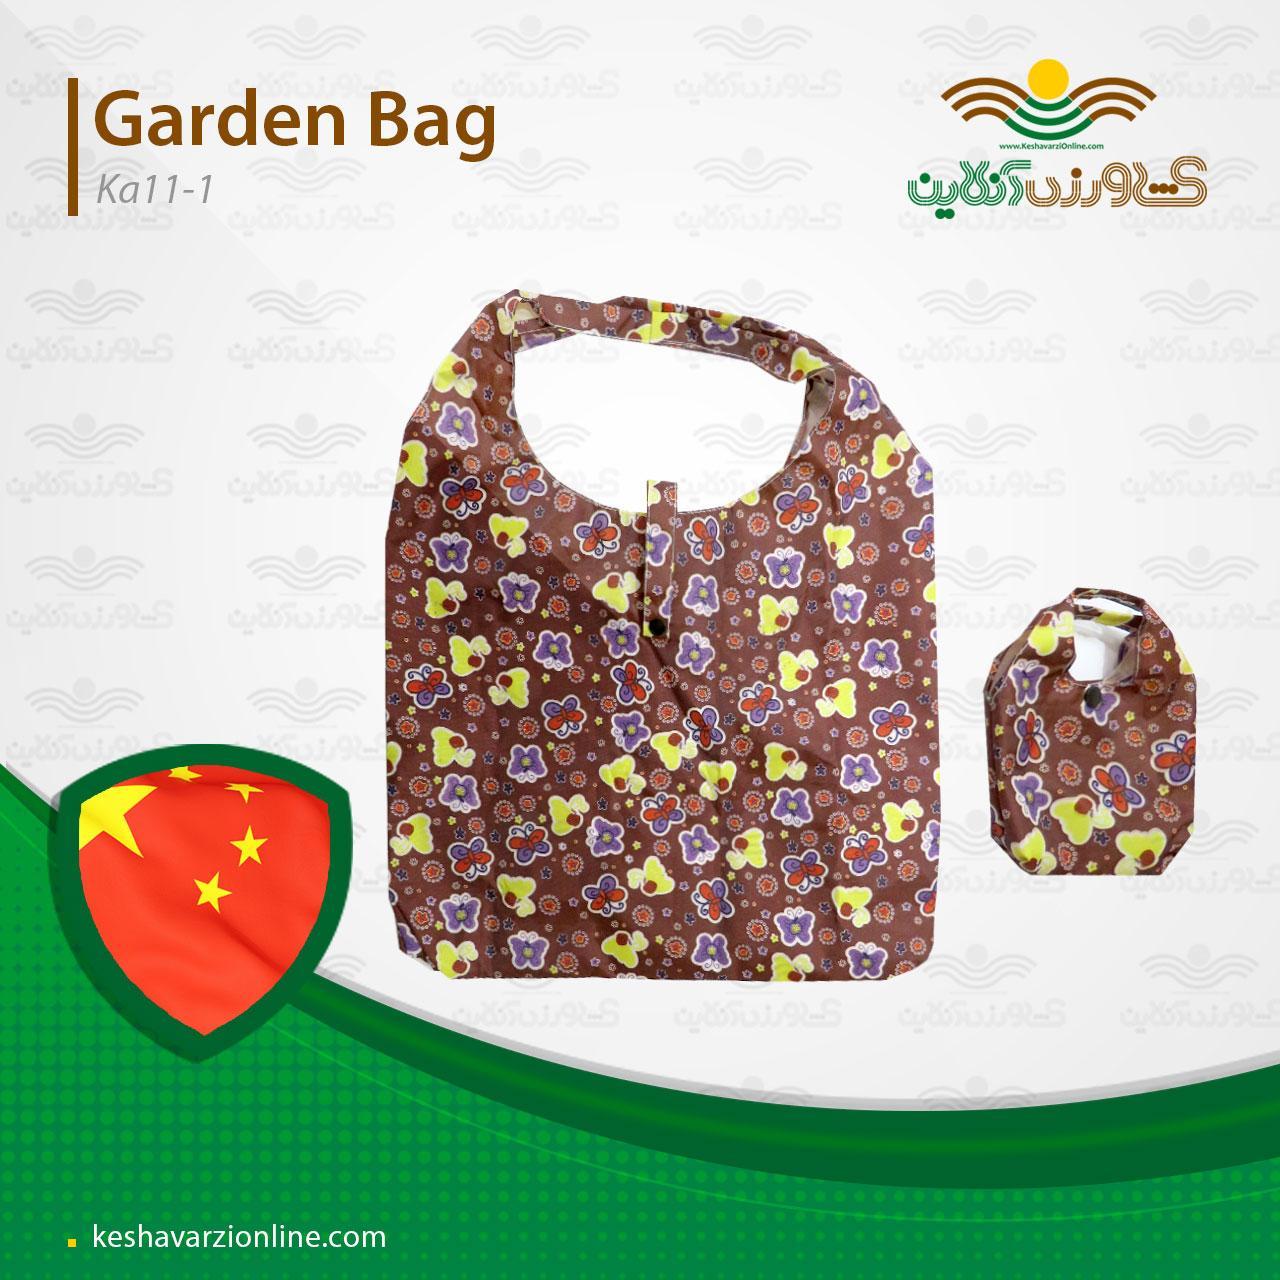 کیف باغبانی Ka11.1